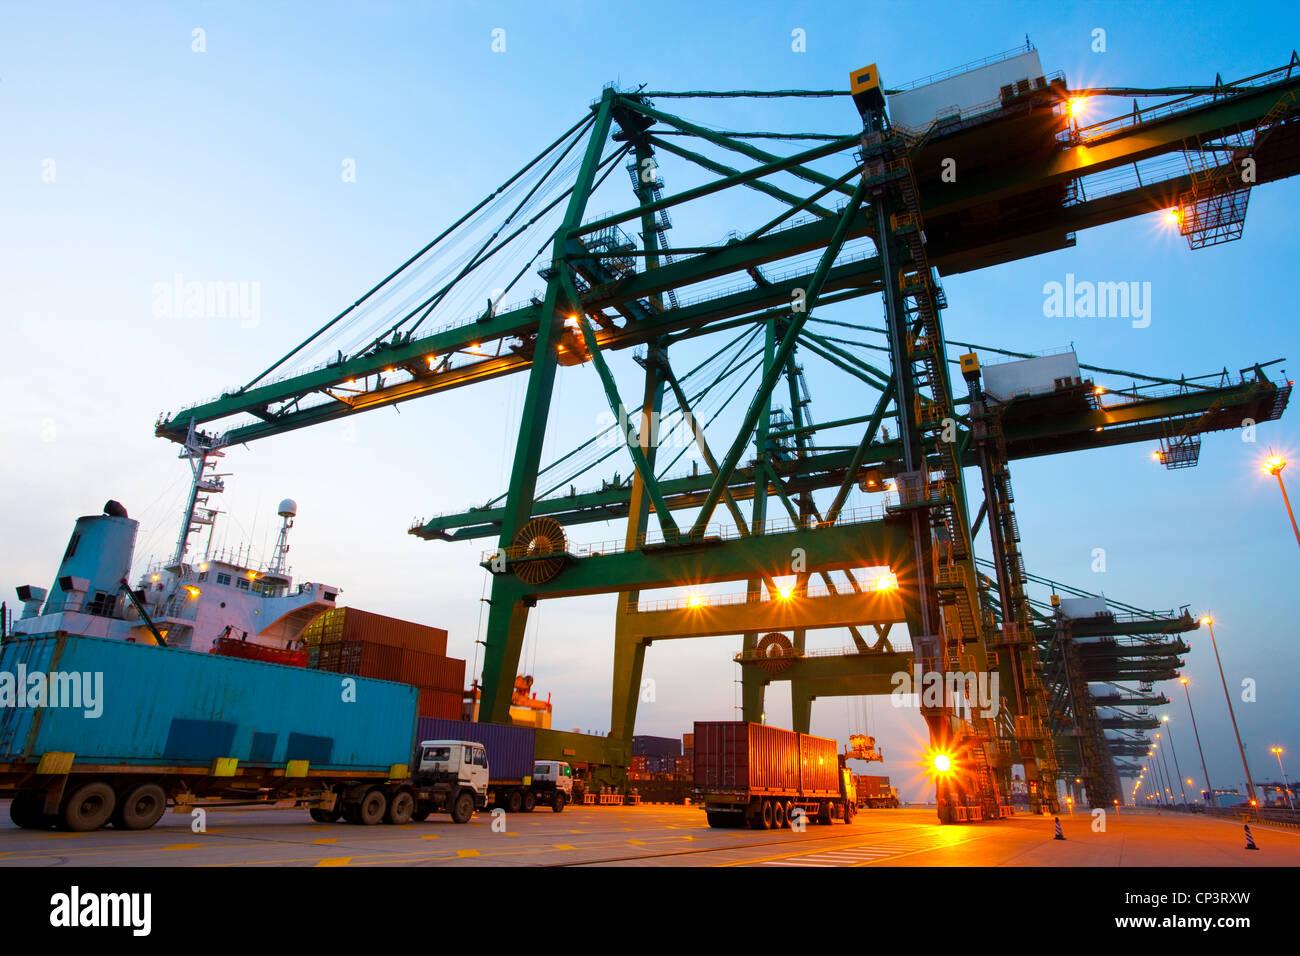 Grúas, contenedores y camiones en un puerto de embarque durante el anochecer Imagen De Stock